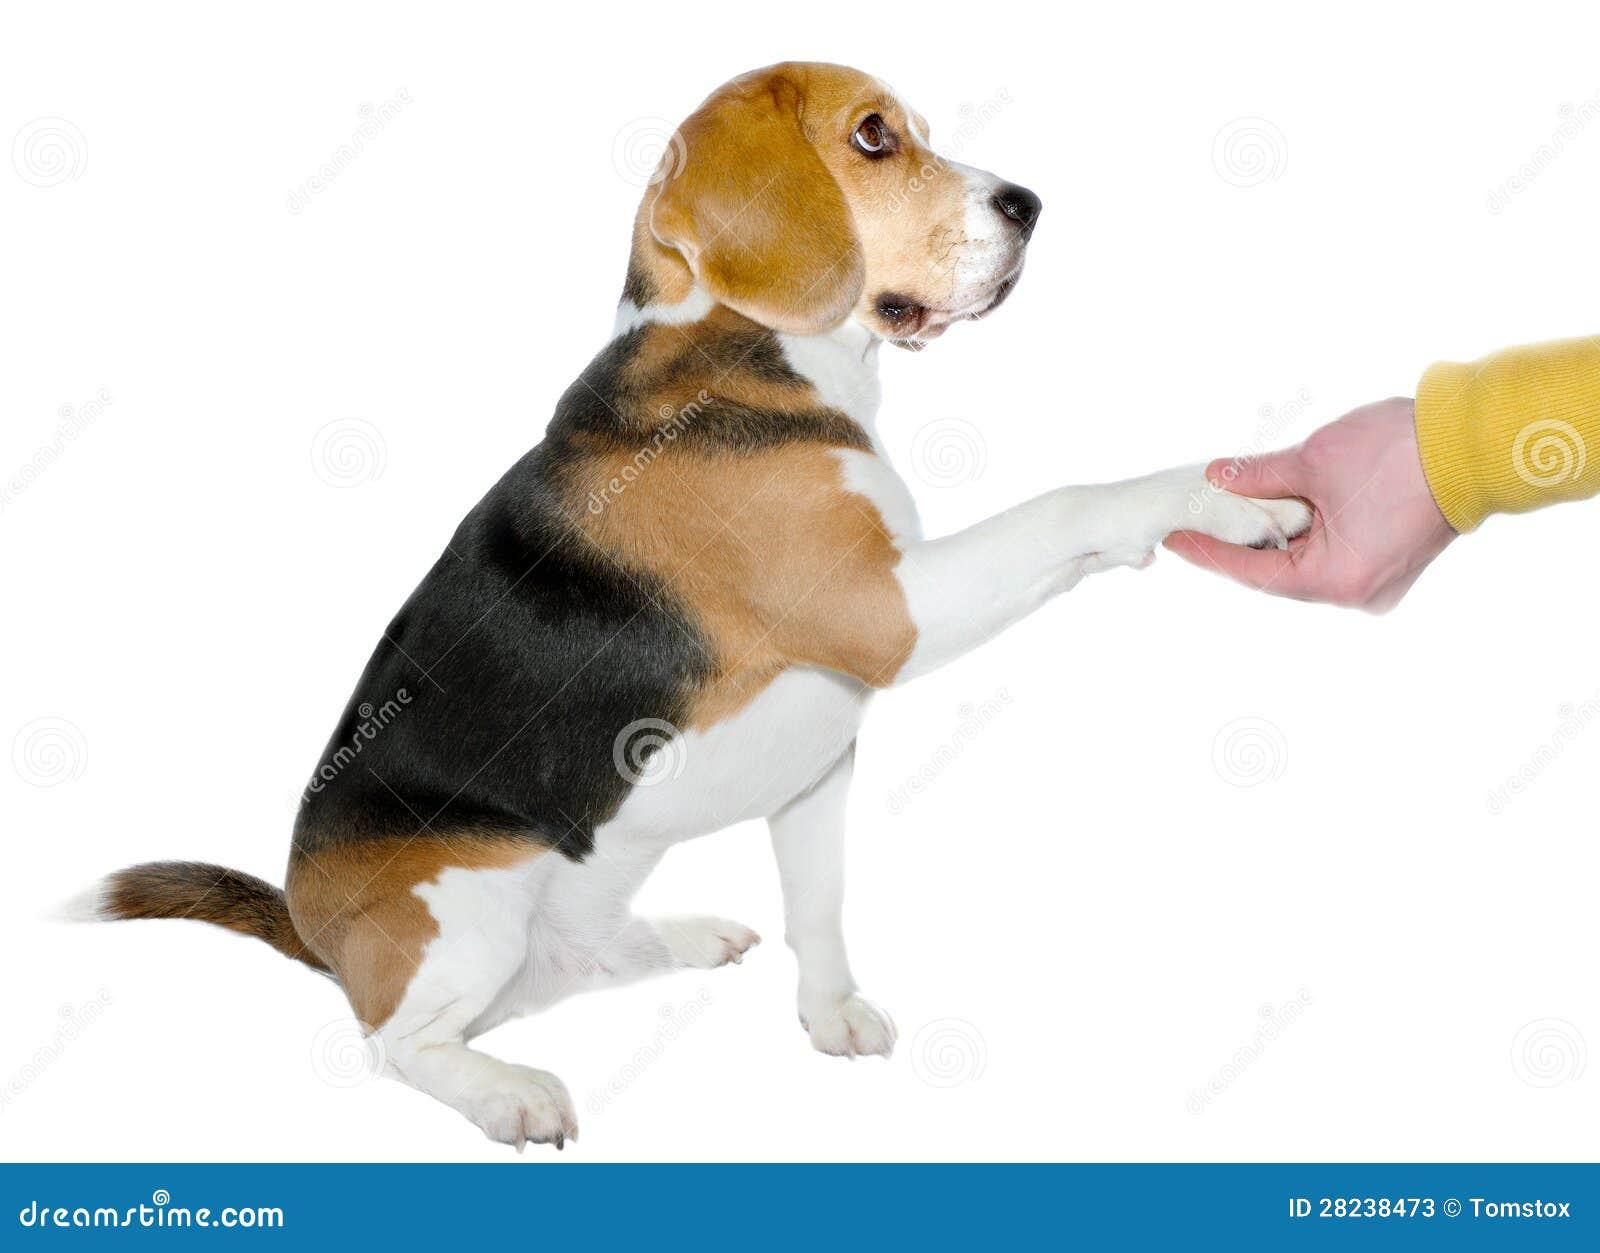 Adotando um cão